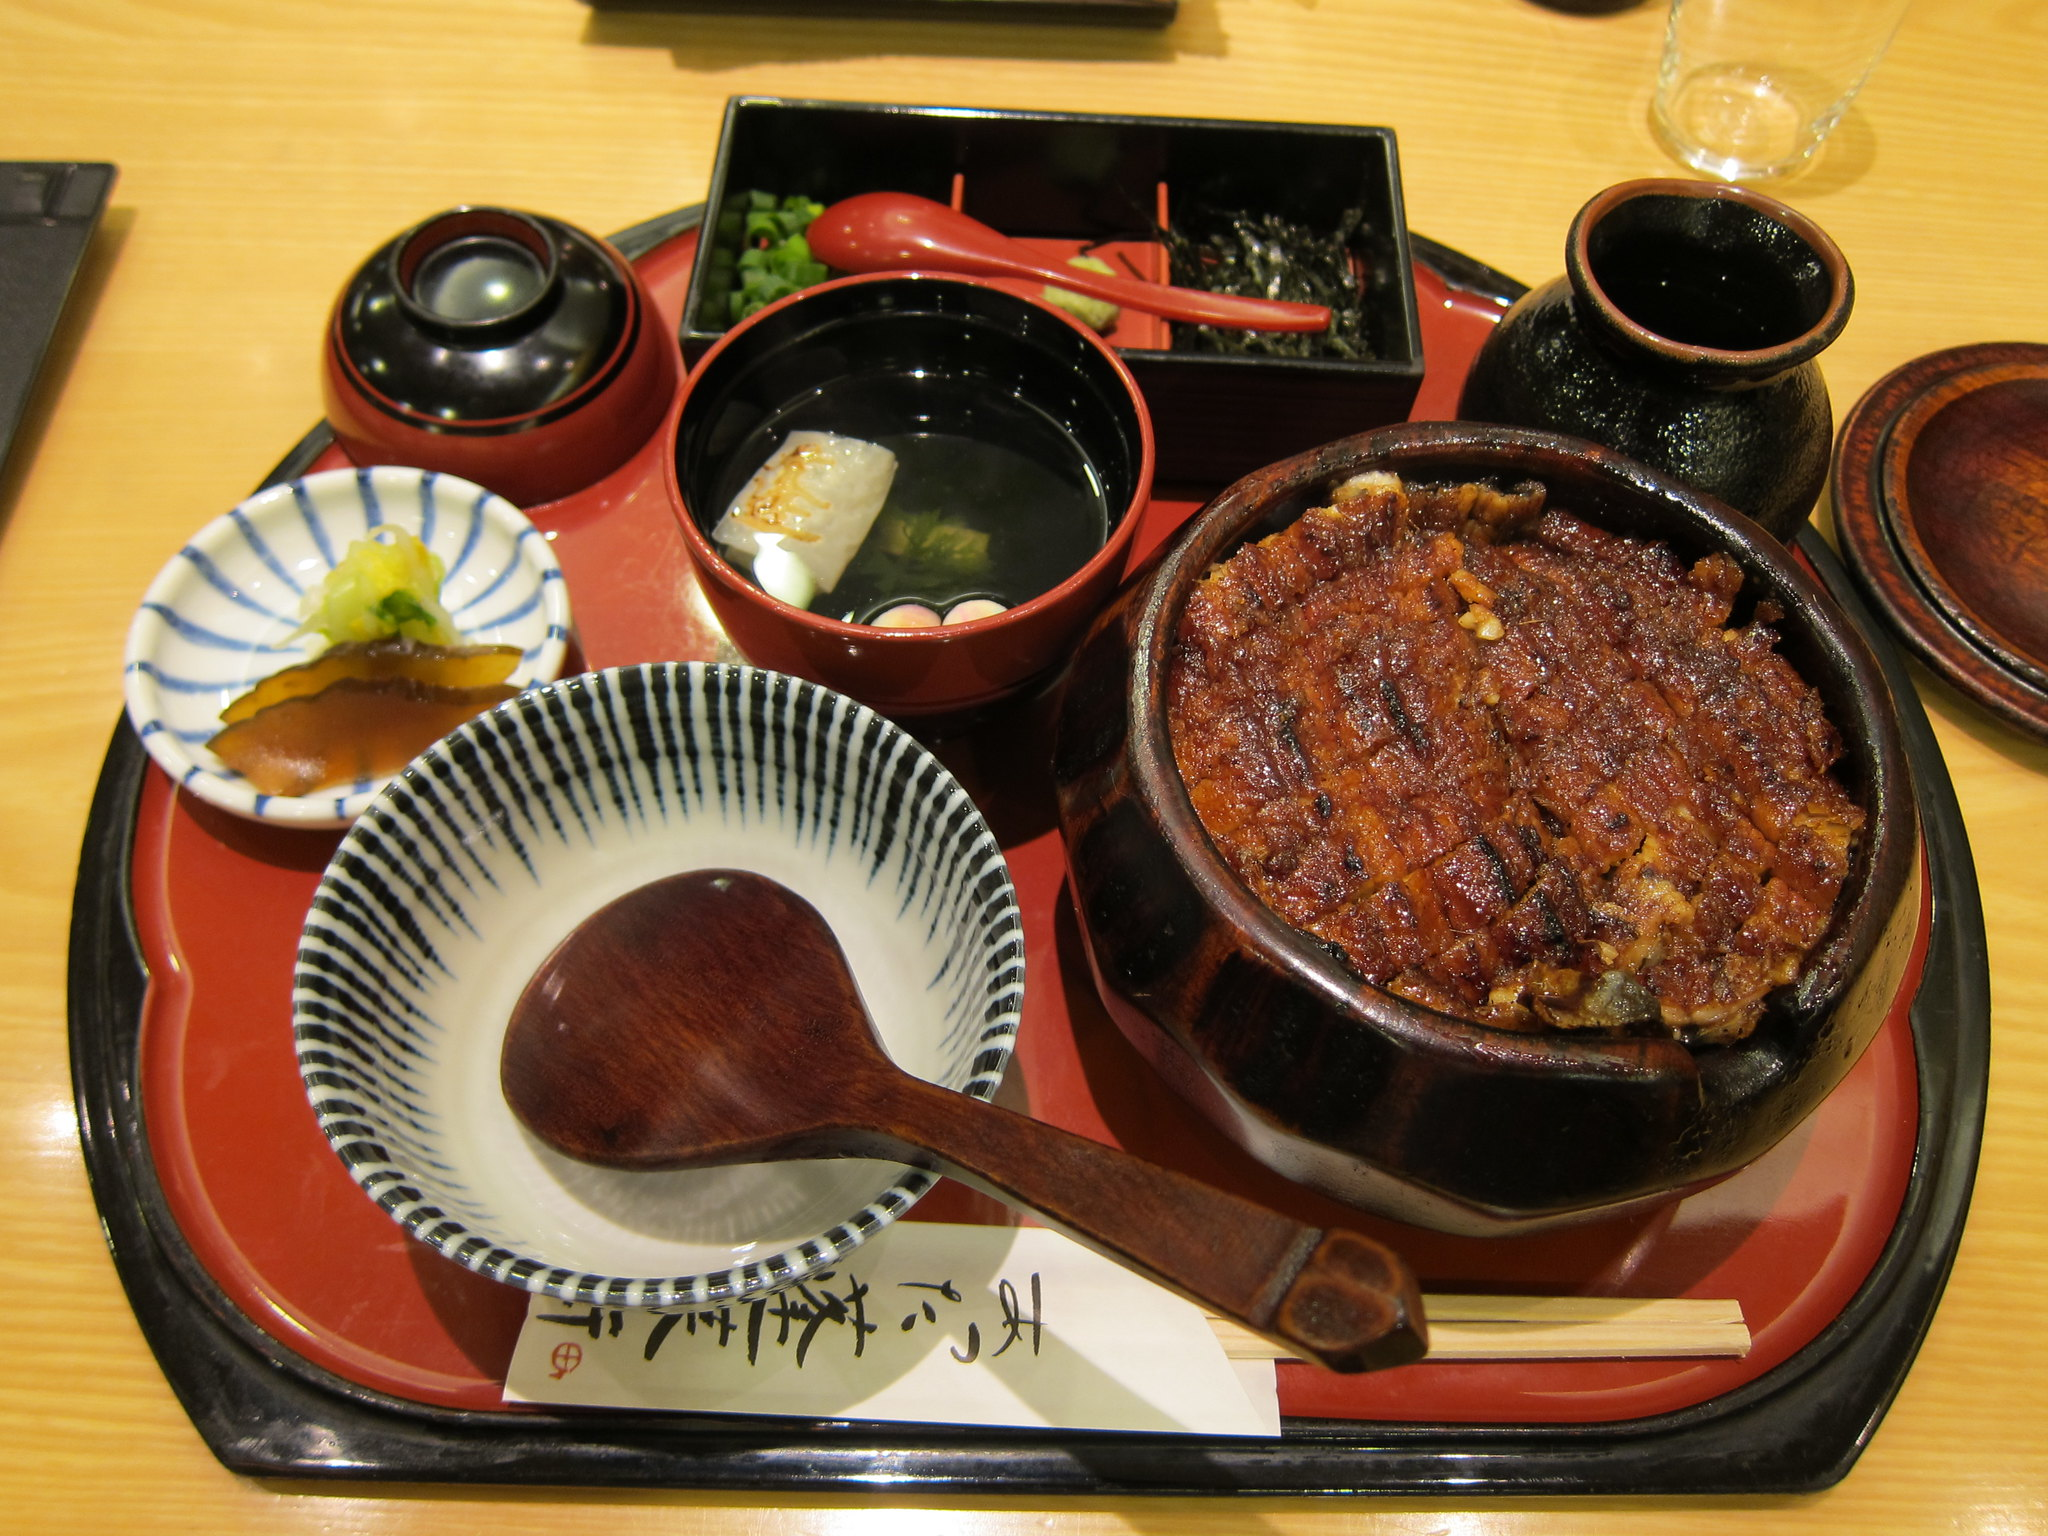 10 Things to do in Nagoya, Japan 06